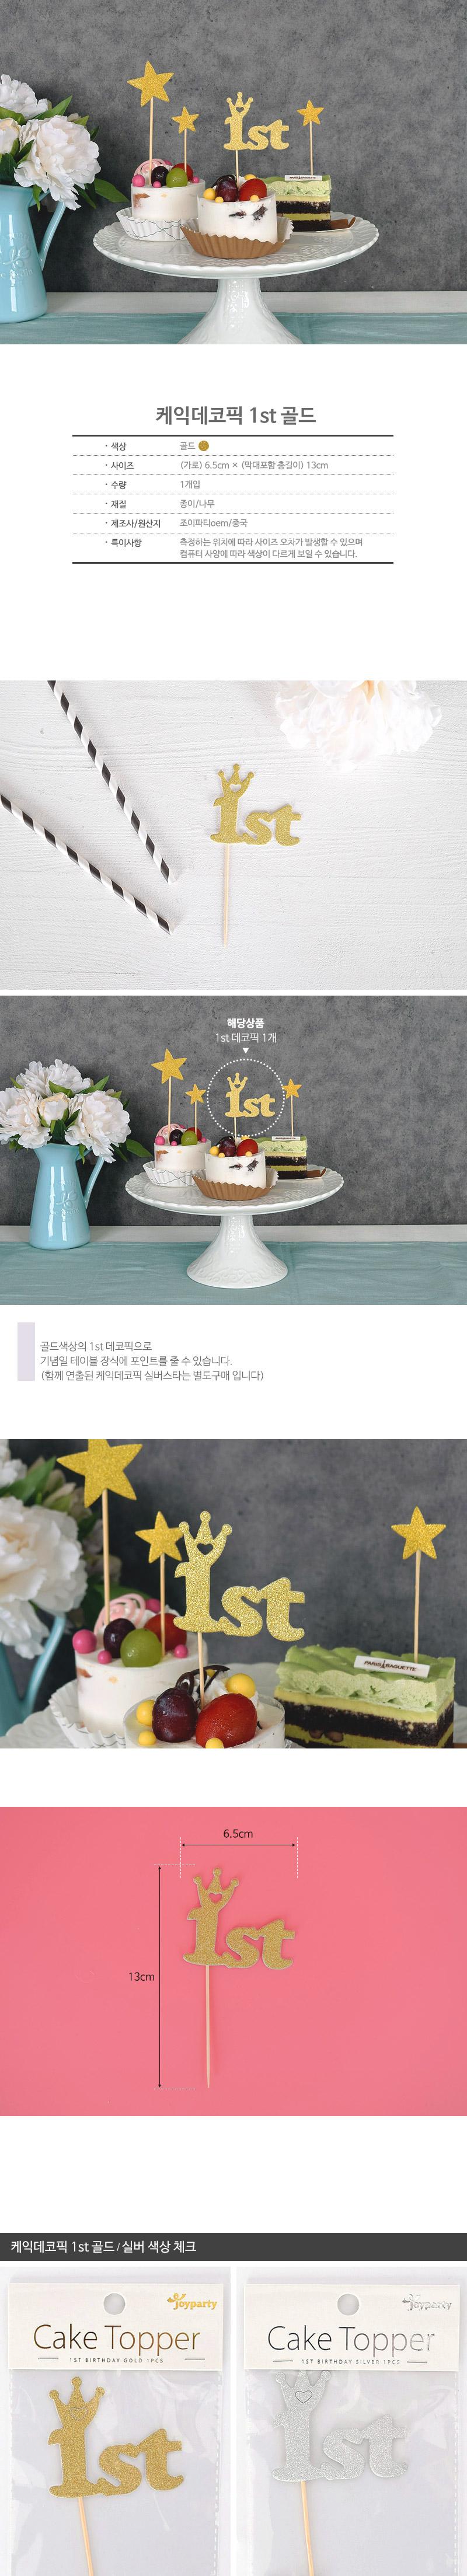 케익데코픽 1st 골드 _partypang - 파티팡, 1,000원, 파티용품, 데코/장식용품